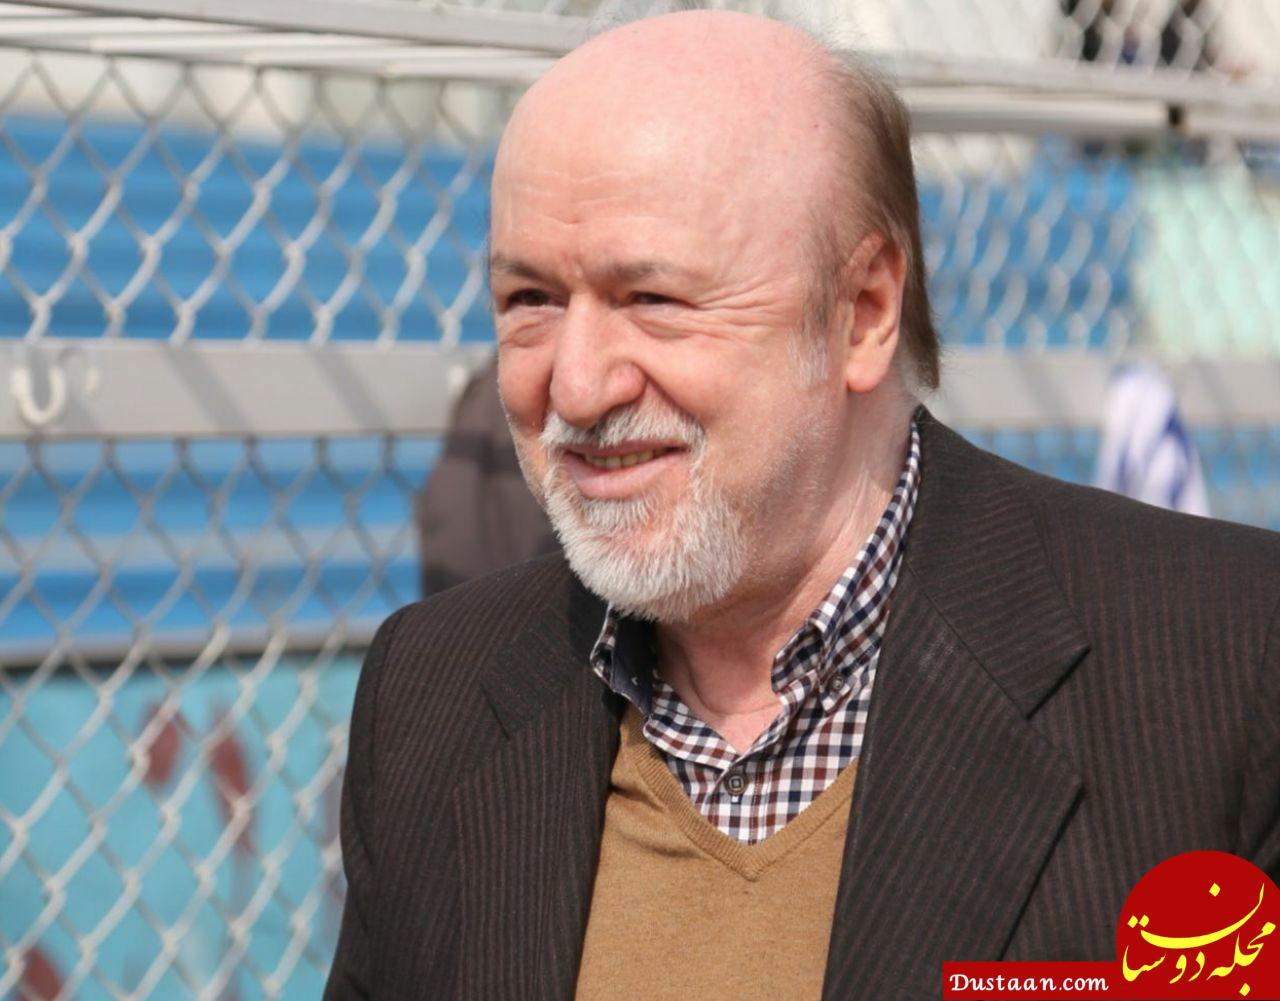 www.dustaan.com روزنامه صباح: استعفای افتخاری، حسینی را به ترابوزان نزدیک کرد!